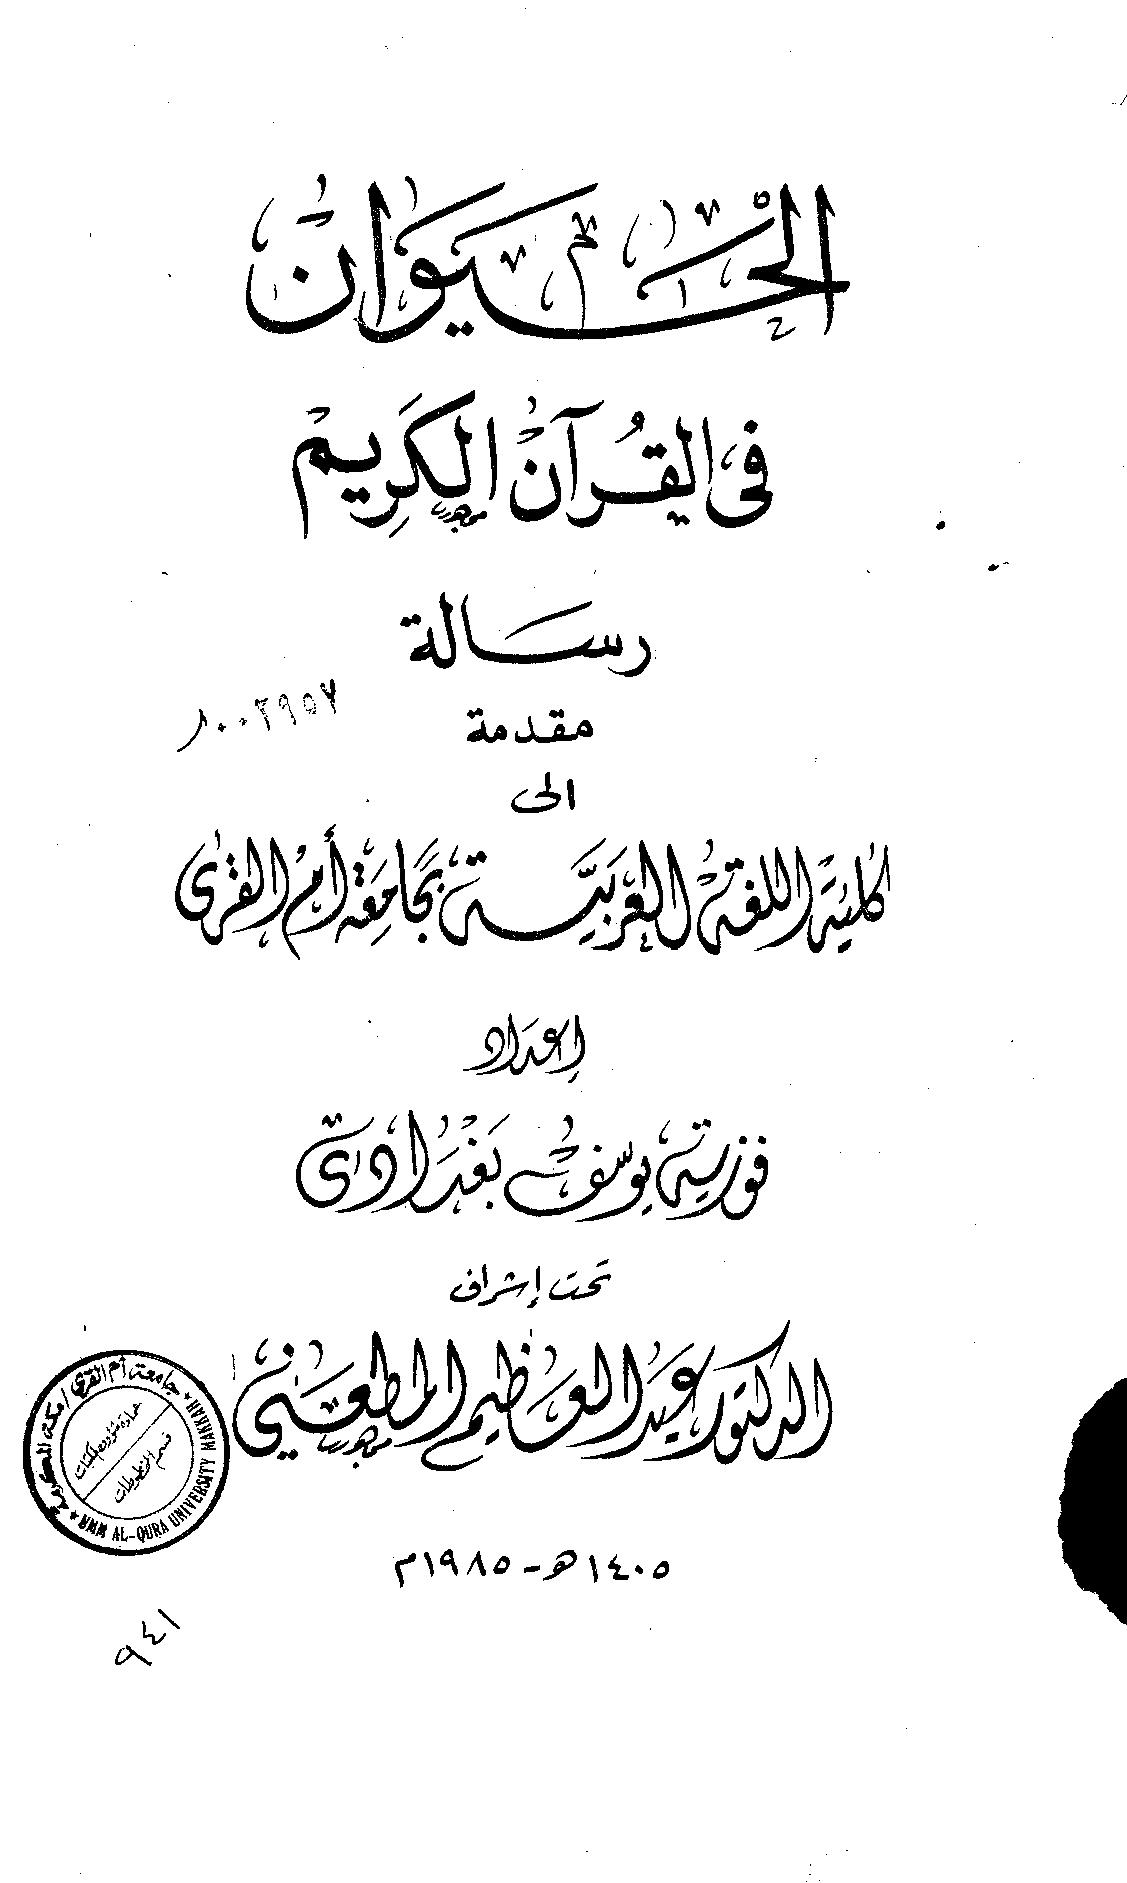 تحميل كتاب الحيوان في القرآن الكريم لـِ: فوزية يوسف بغدادي